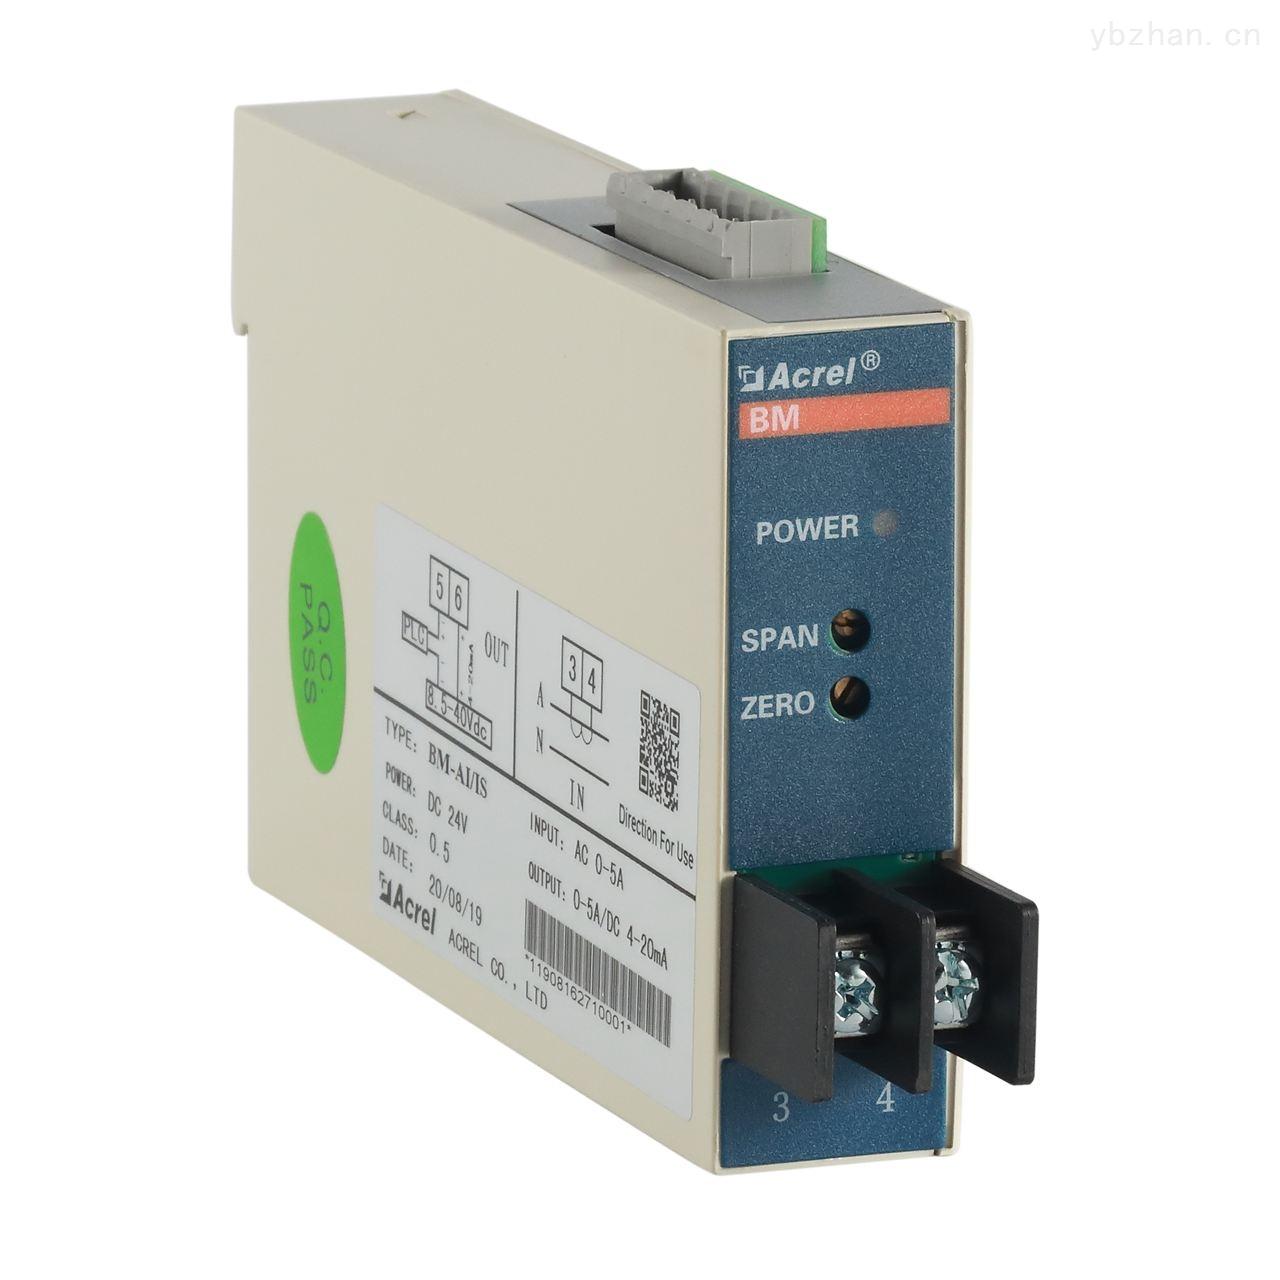 供應安科瑞BM-DI/IS直流電流、電壓隔離器